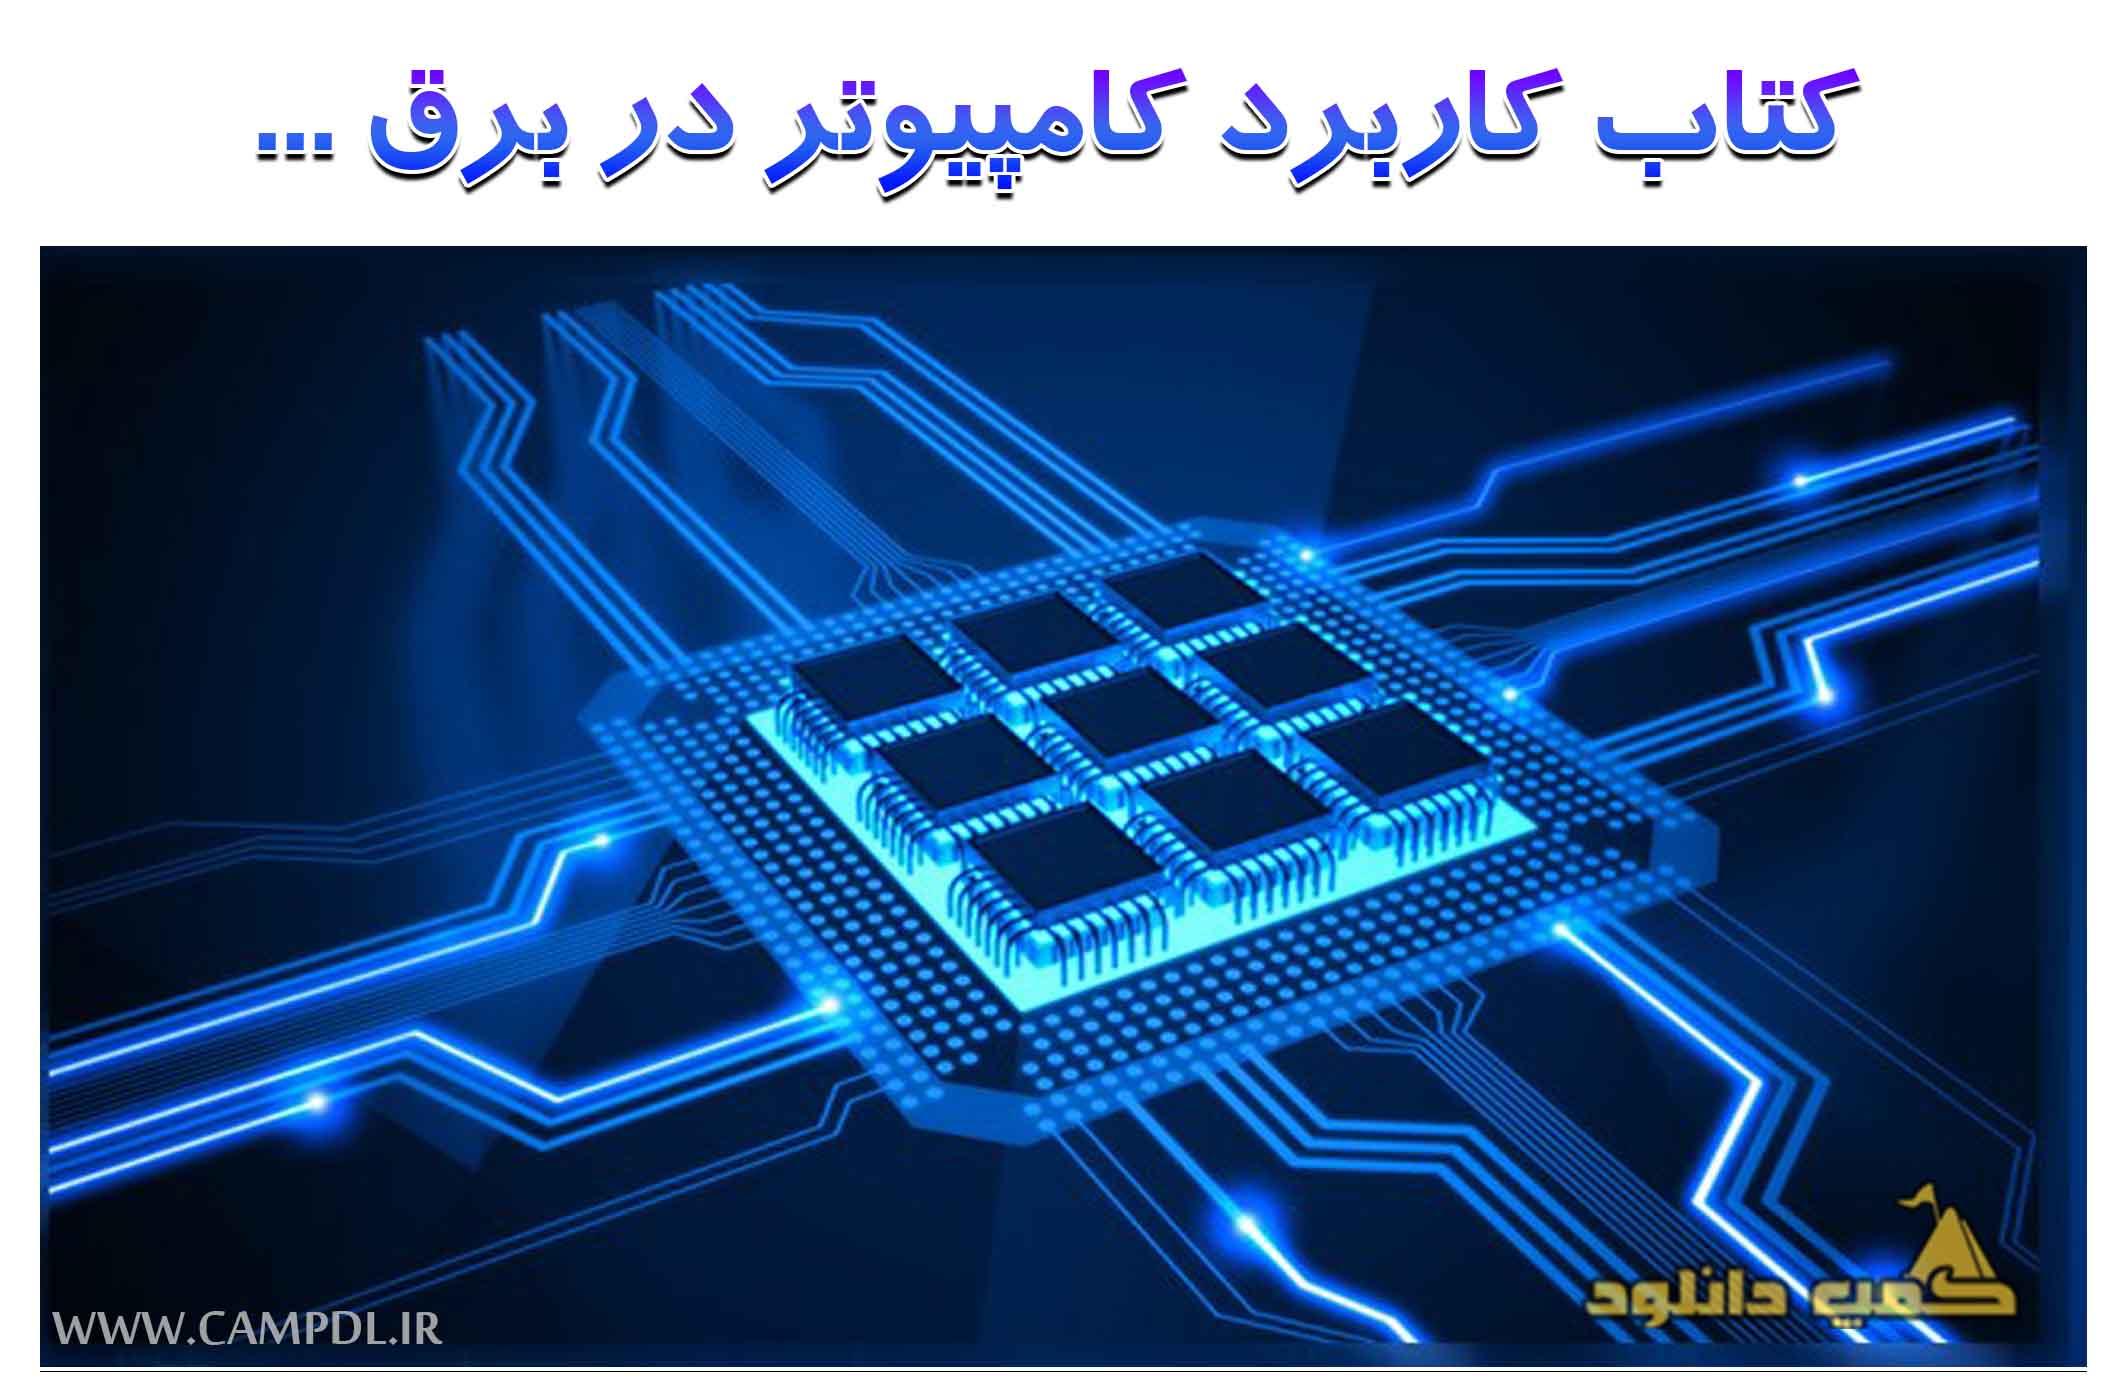 دانلود رایگان کتاب کاربرد کامپیوتر در برق با لینک مستقیم با فرمت پی دی اف